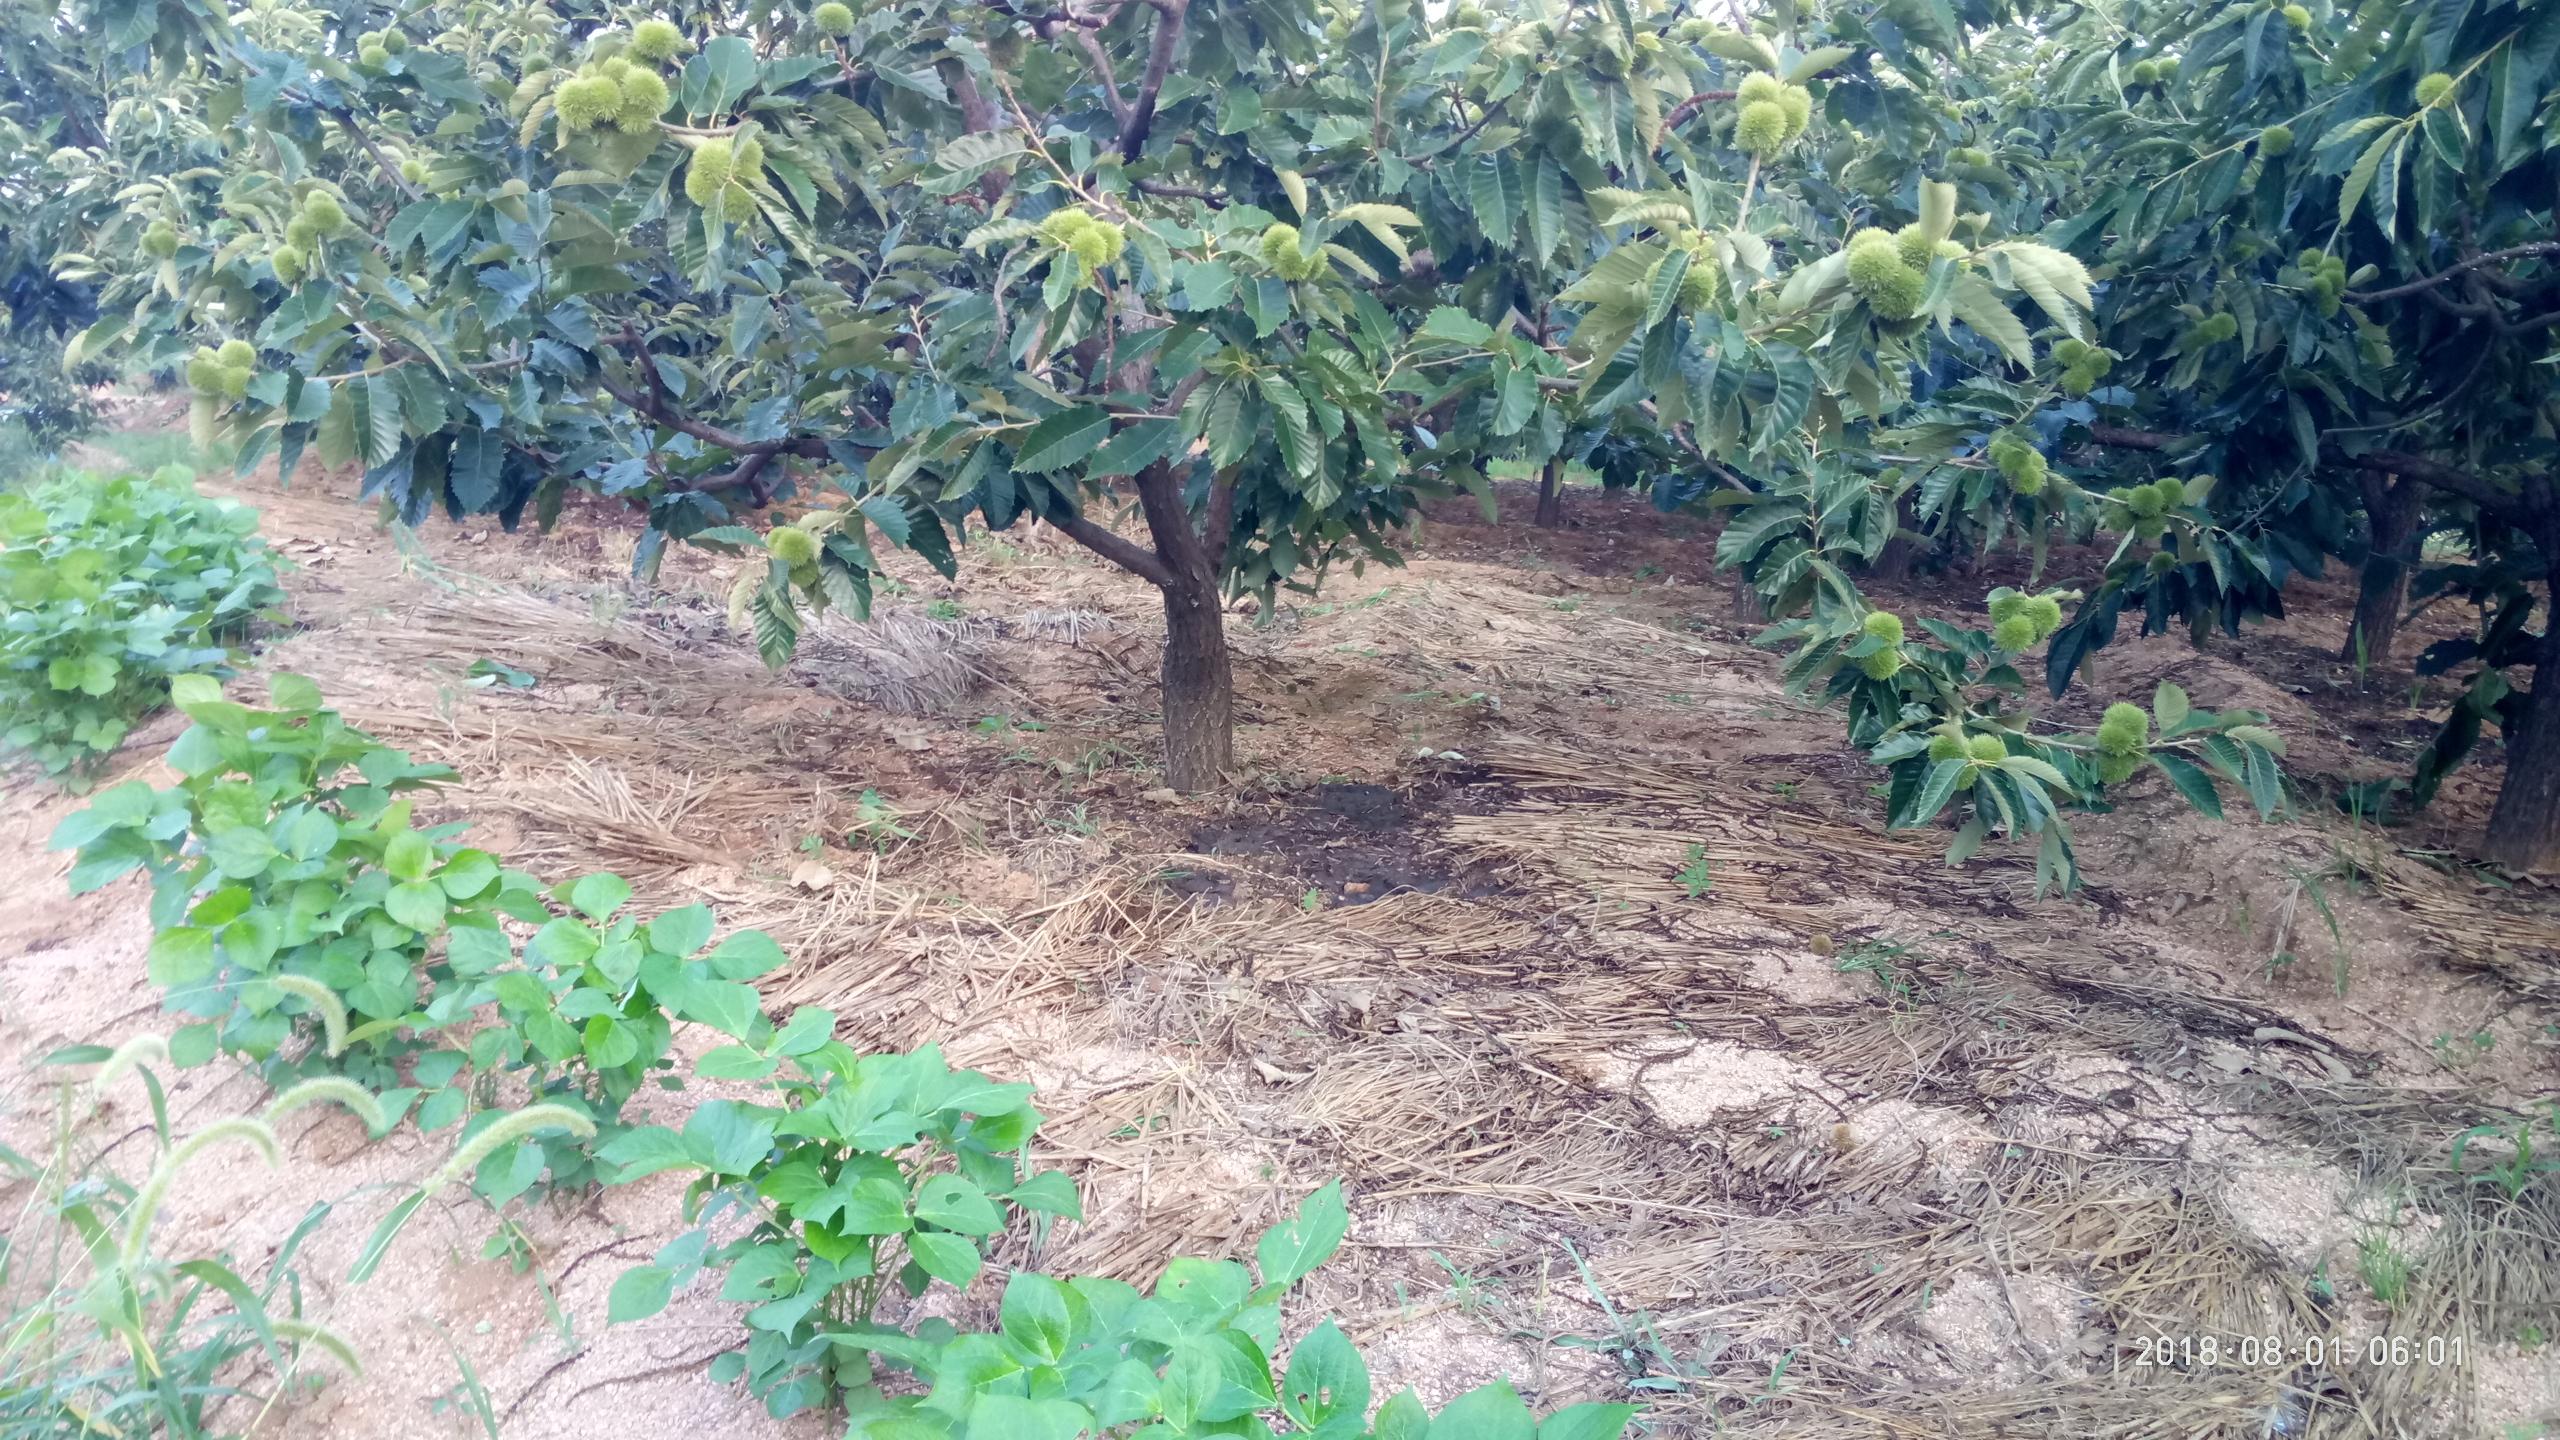 板栗树下盖草,一举多得!